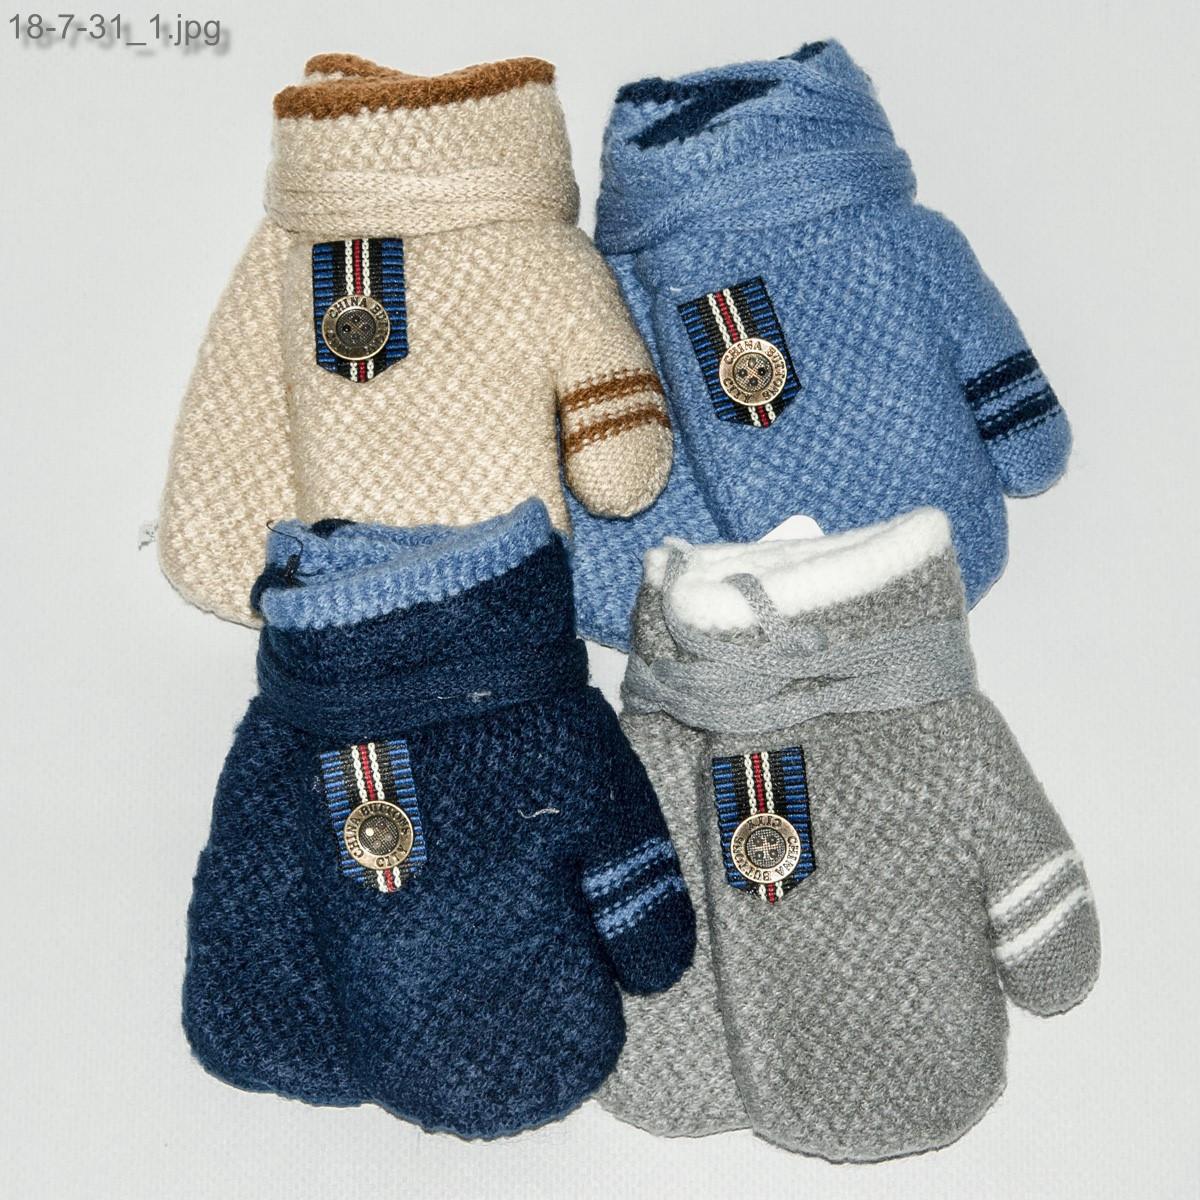 Оптом детские варежки с меховой подкладкой для мальчика на 1-3 года - №18-7-31